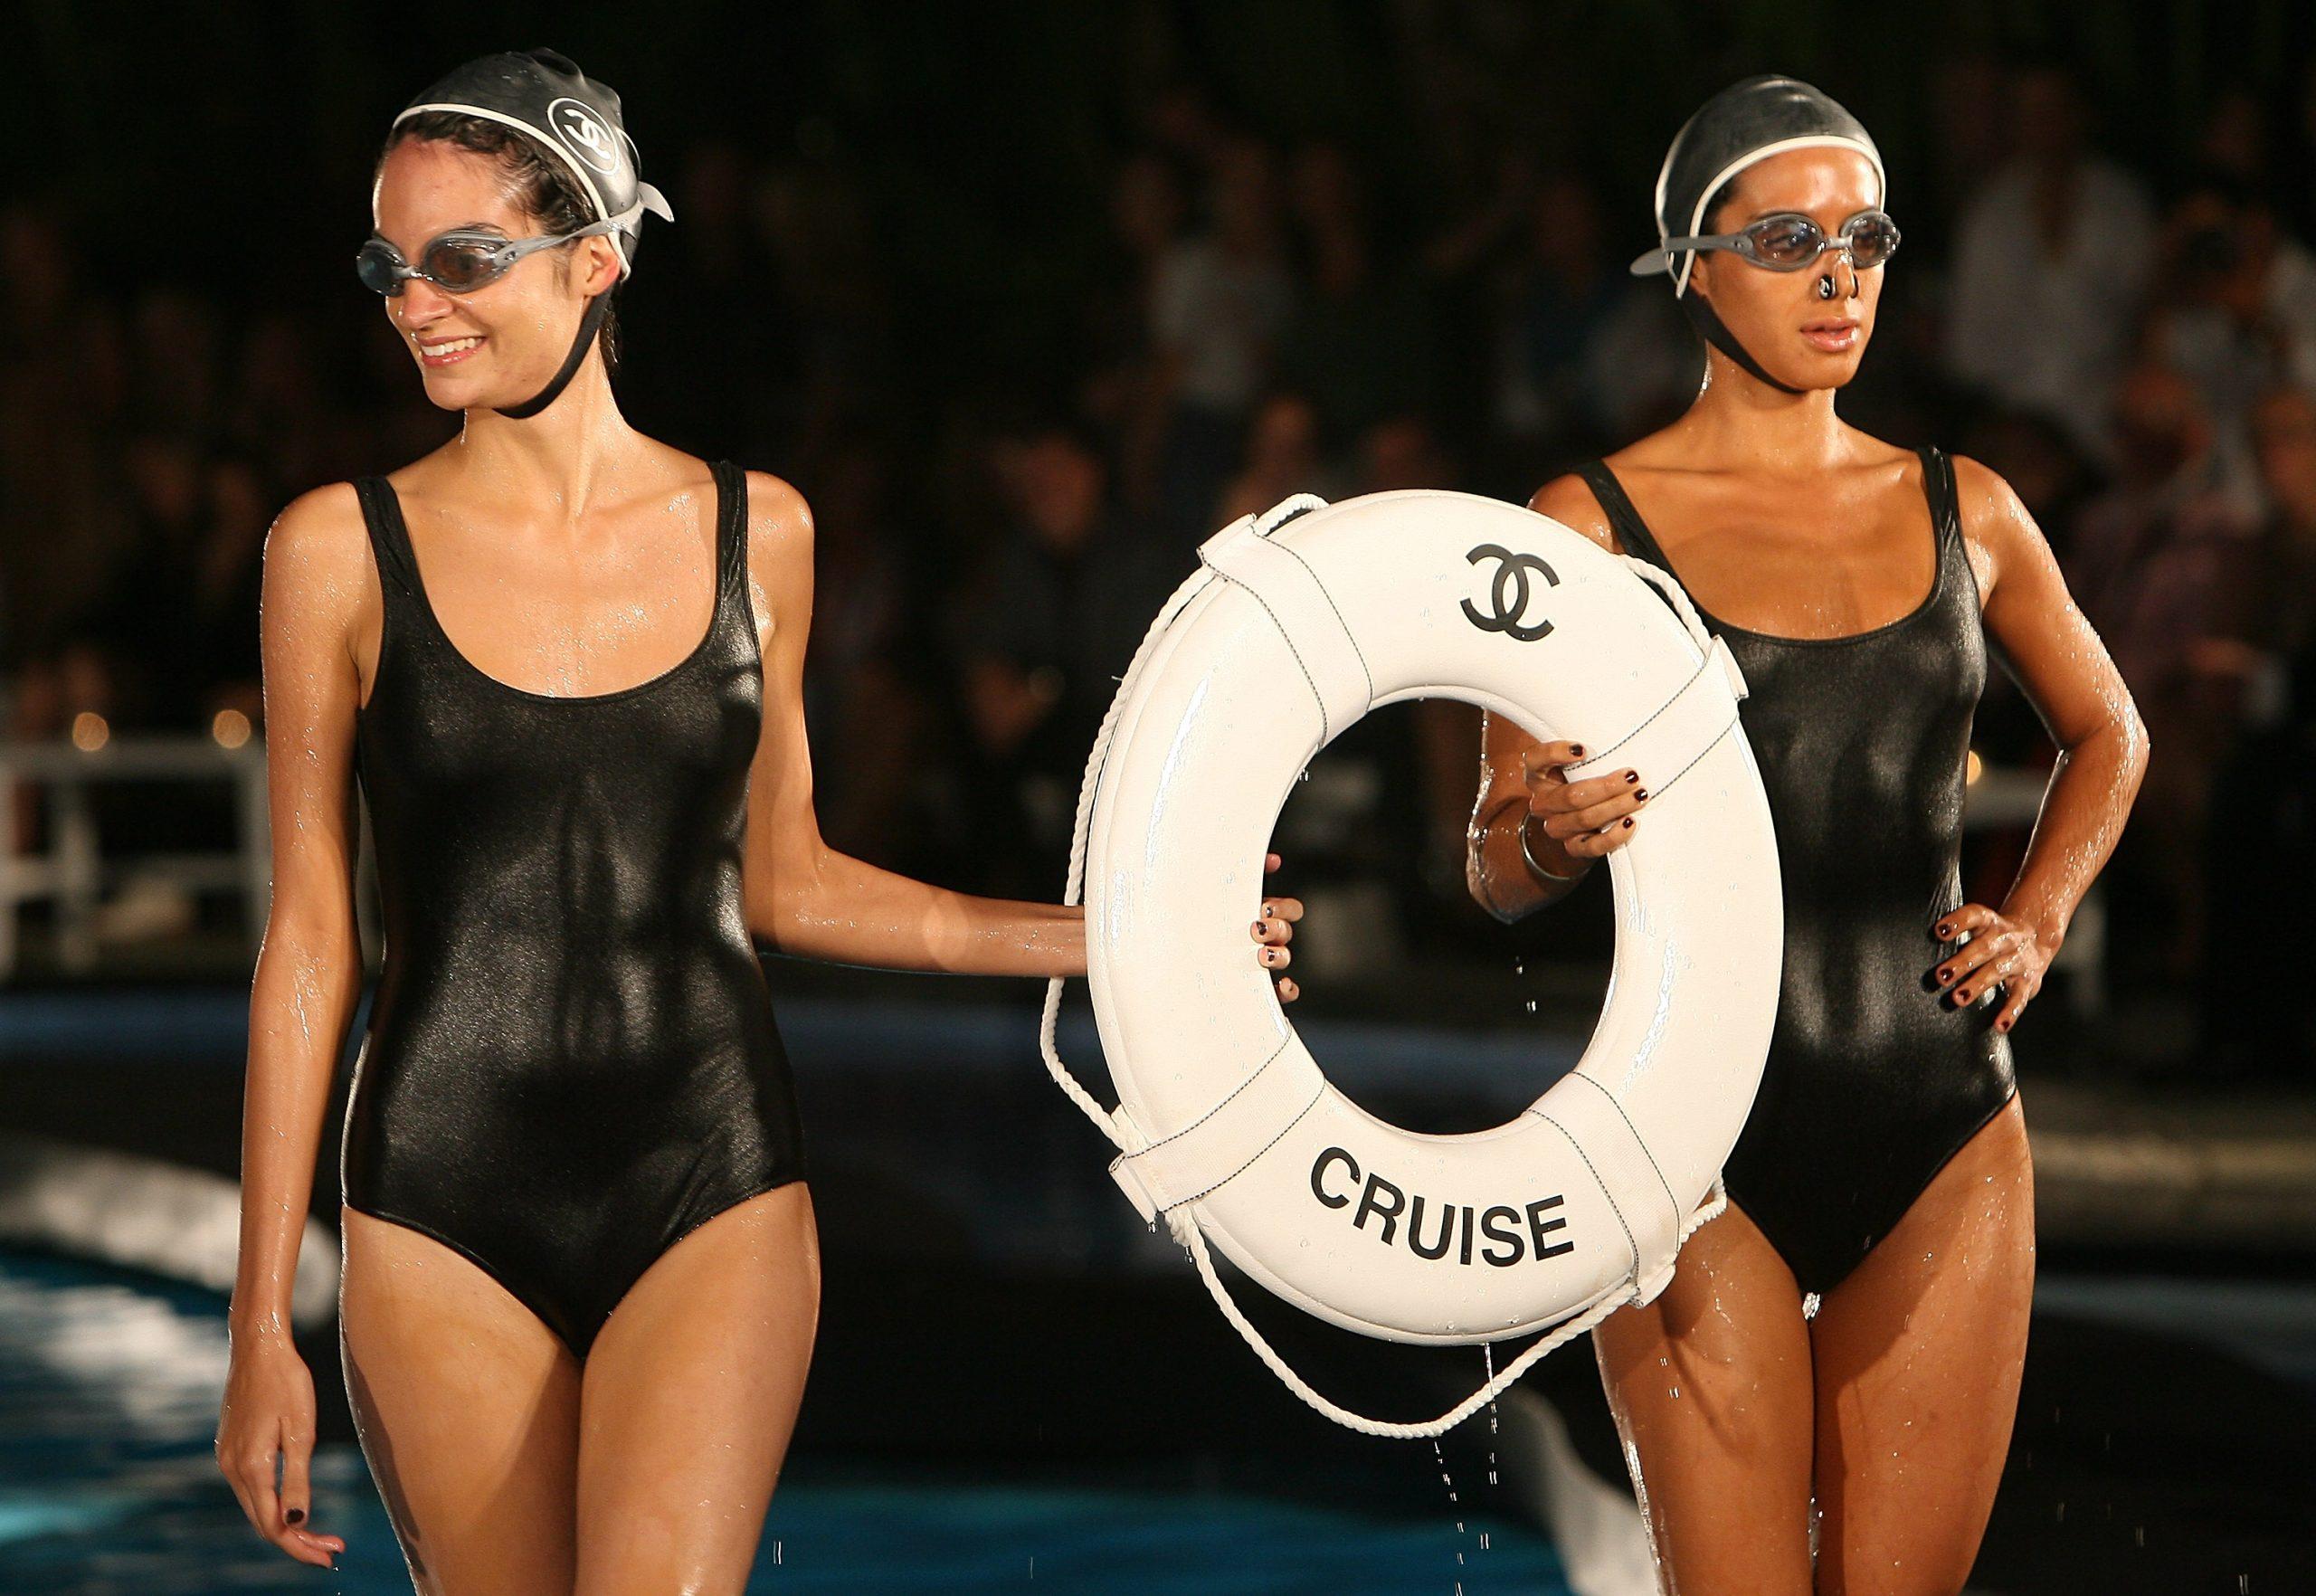 9. kép: A 2009-es Cruise kollekció része volt a mentőgyűrű